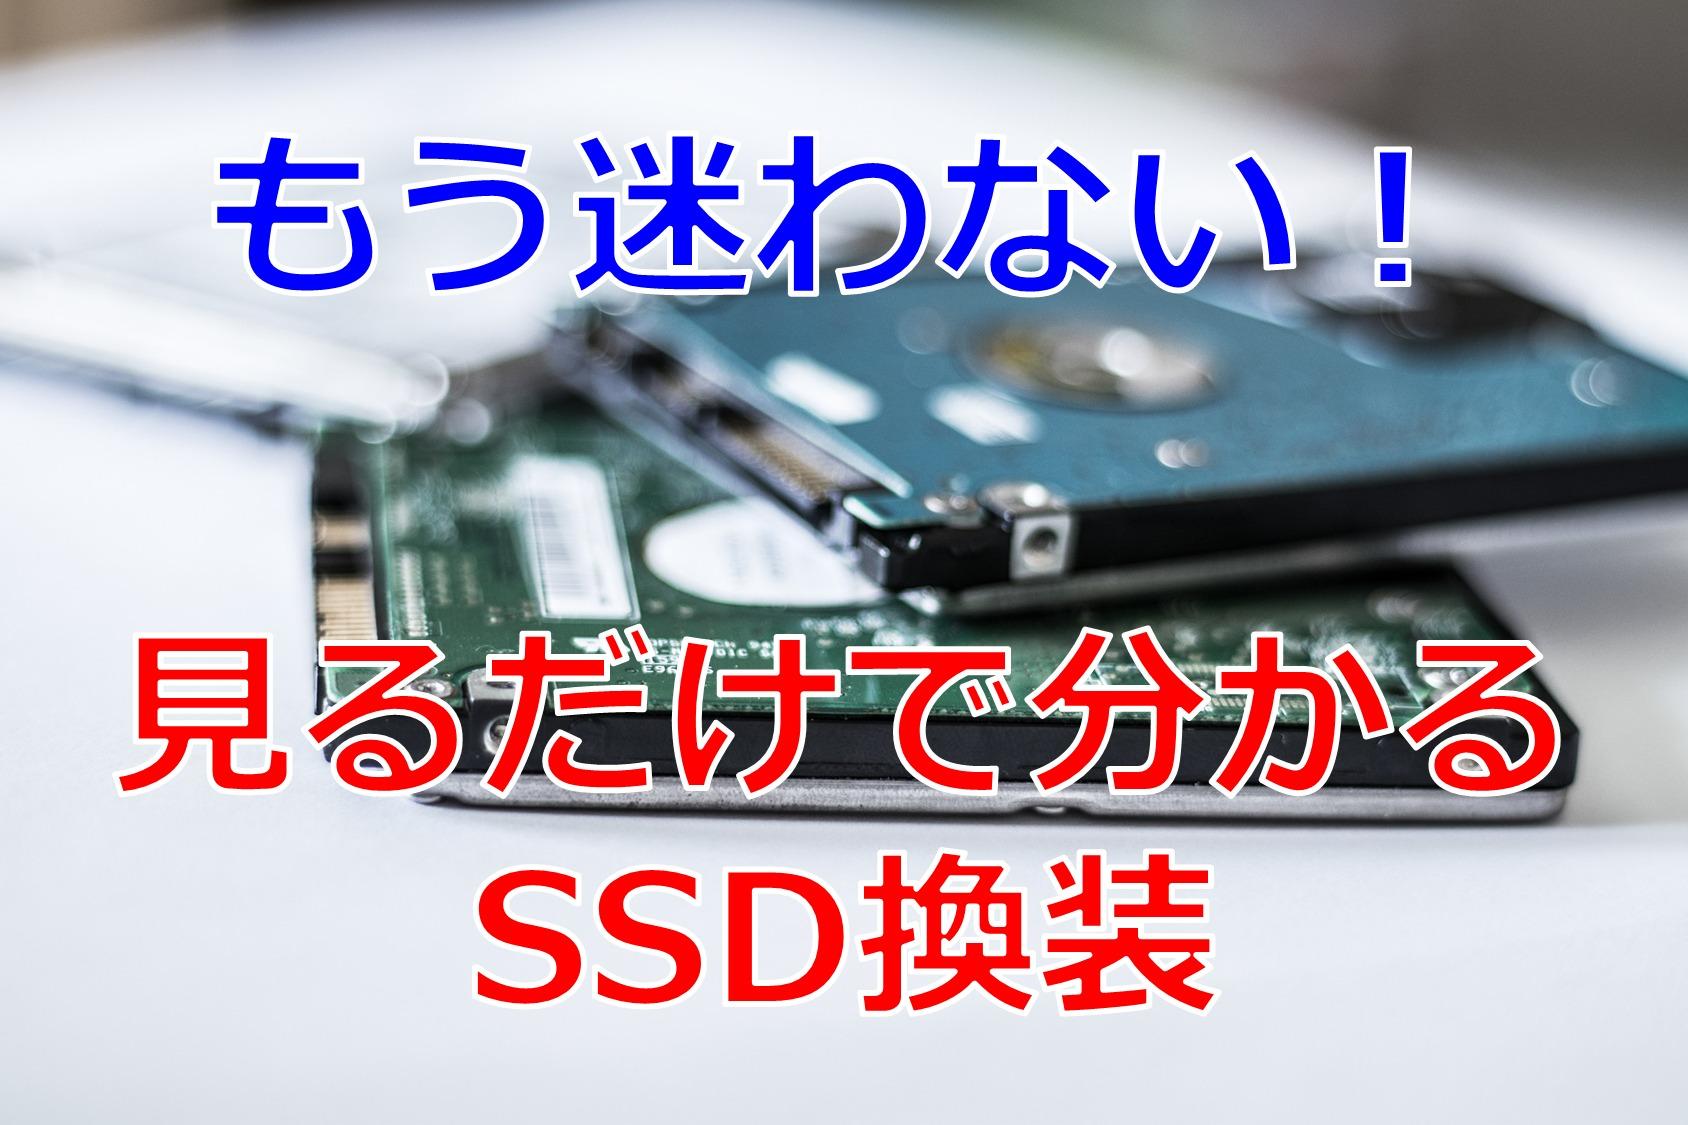 初心者でも見るだけで分かる!HDDをSSDに換装する方法